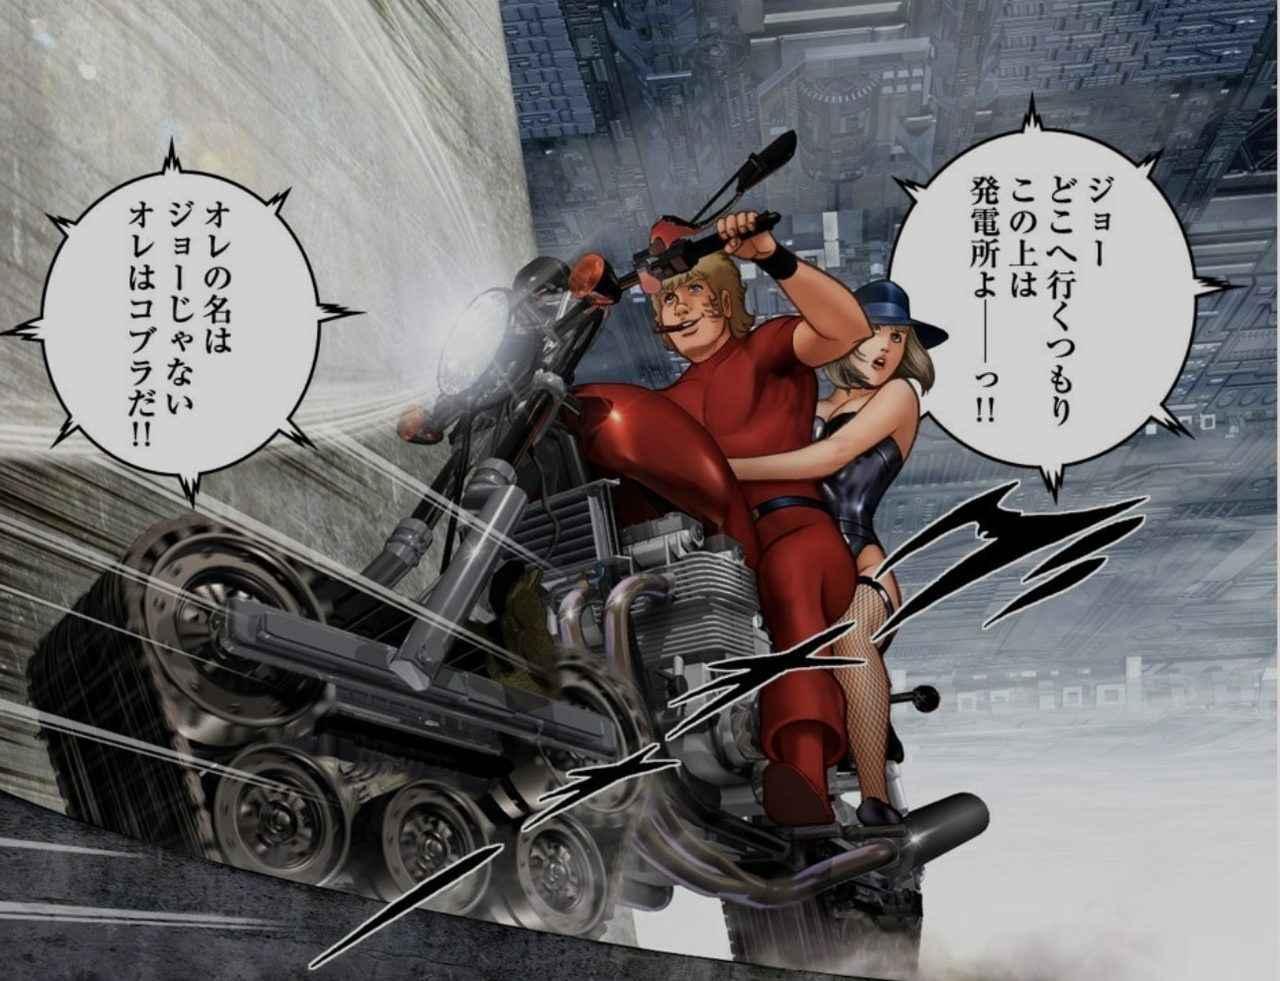 画像: キャタビラバイク。ちゃんとマフラーも付いてます。